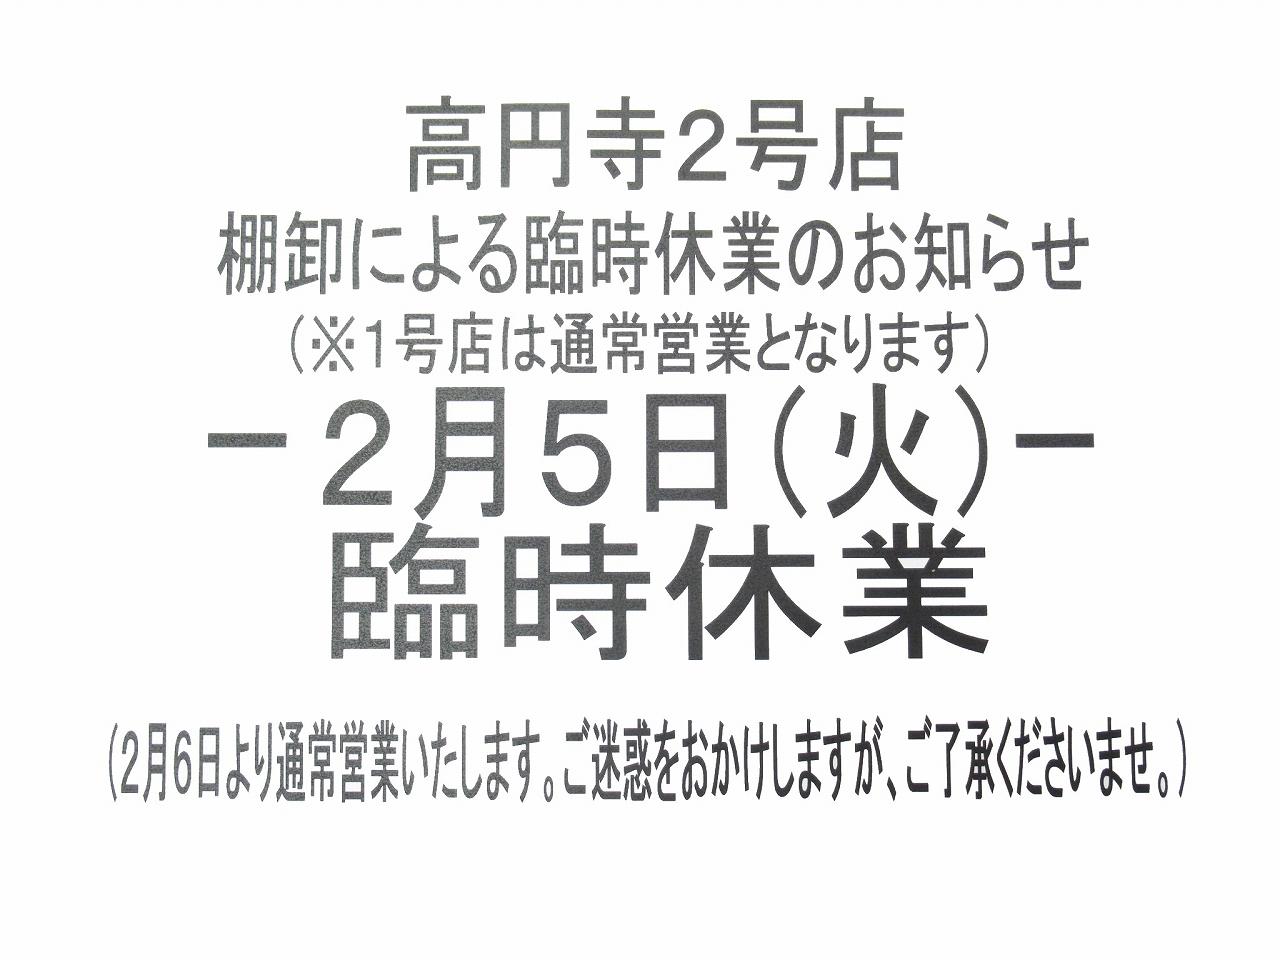 2月5日(火)棚卸しに伴う臨時休業のお知らせ